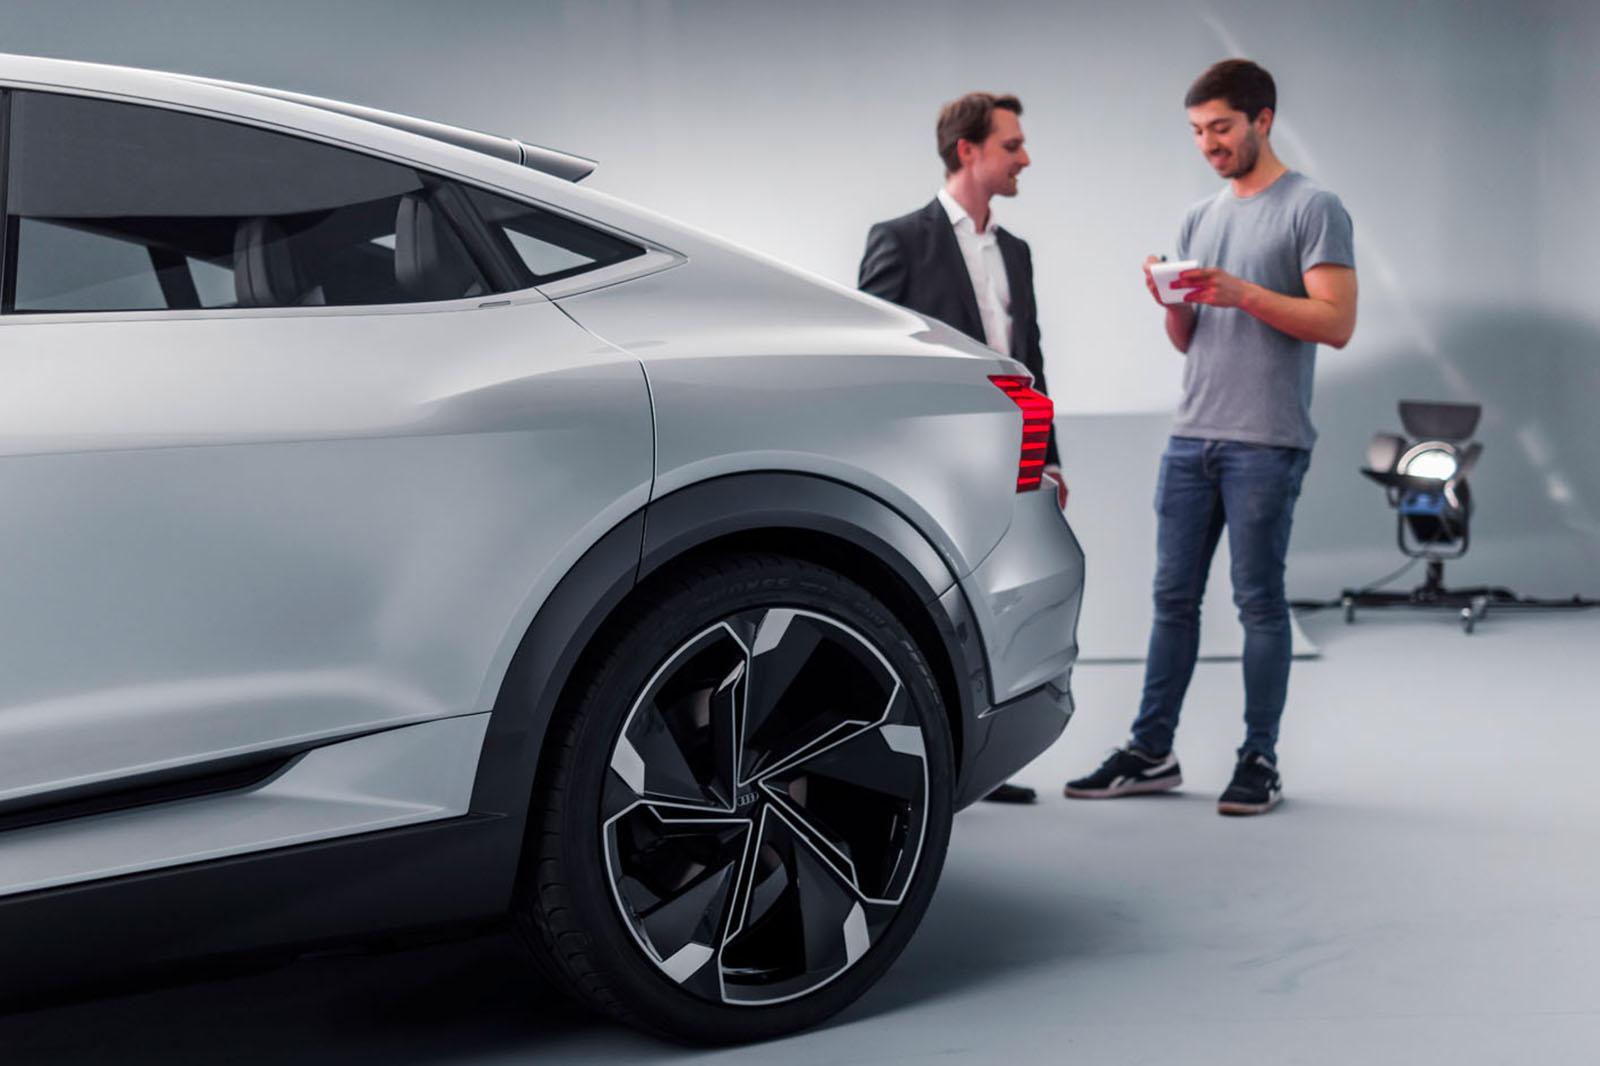 2019 Audi e-tron Sportback set to take on Jaguar I-Pace - AUTO ...